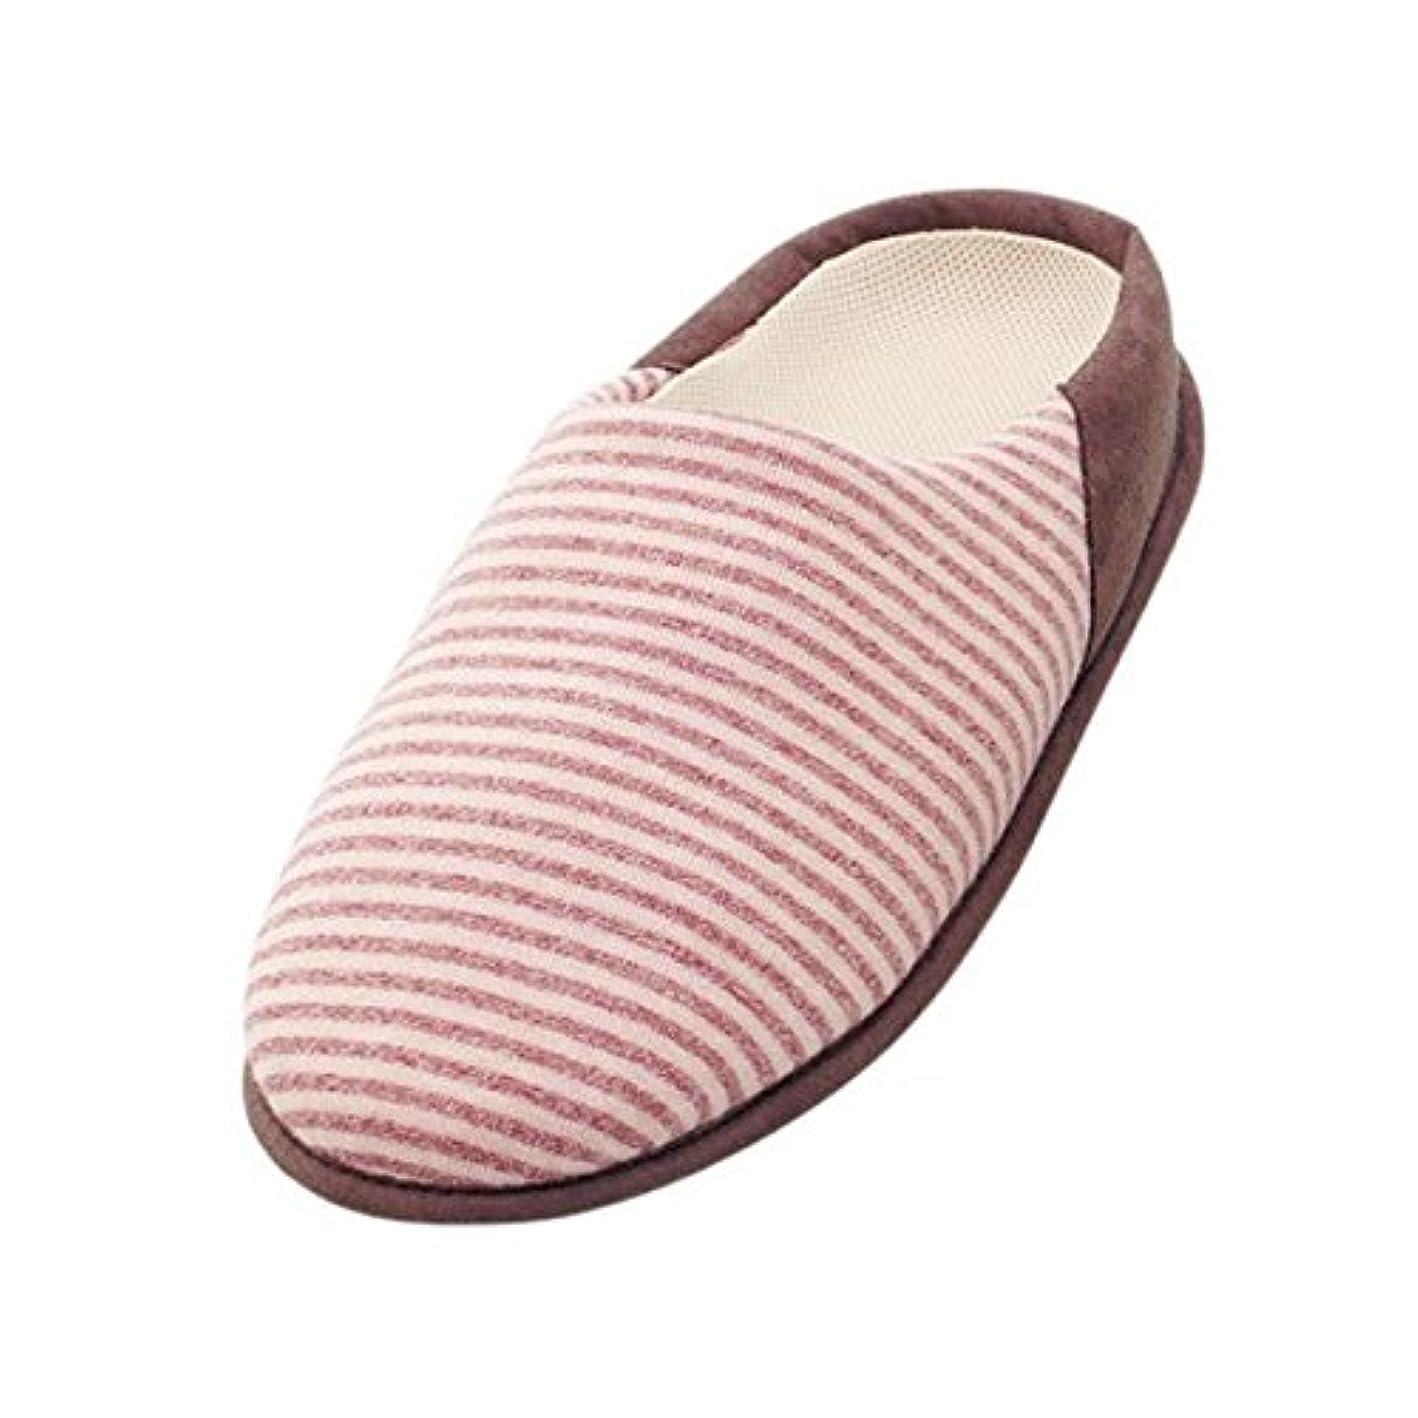 介護靴 室内用 チャルパー 2223 両足 徳武産業 あゆみシリーズ / M ピンク ds-1444785